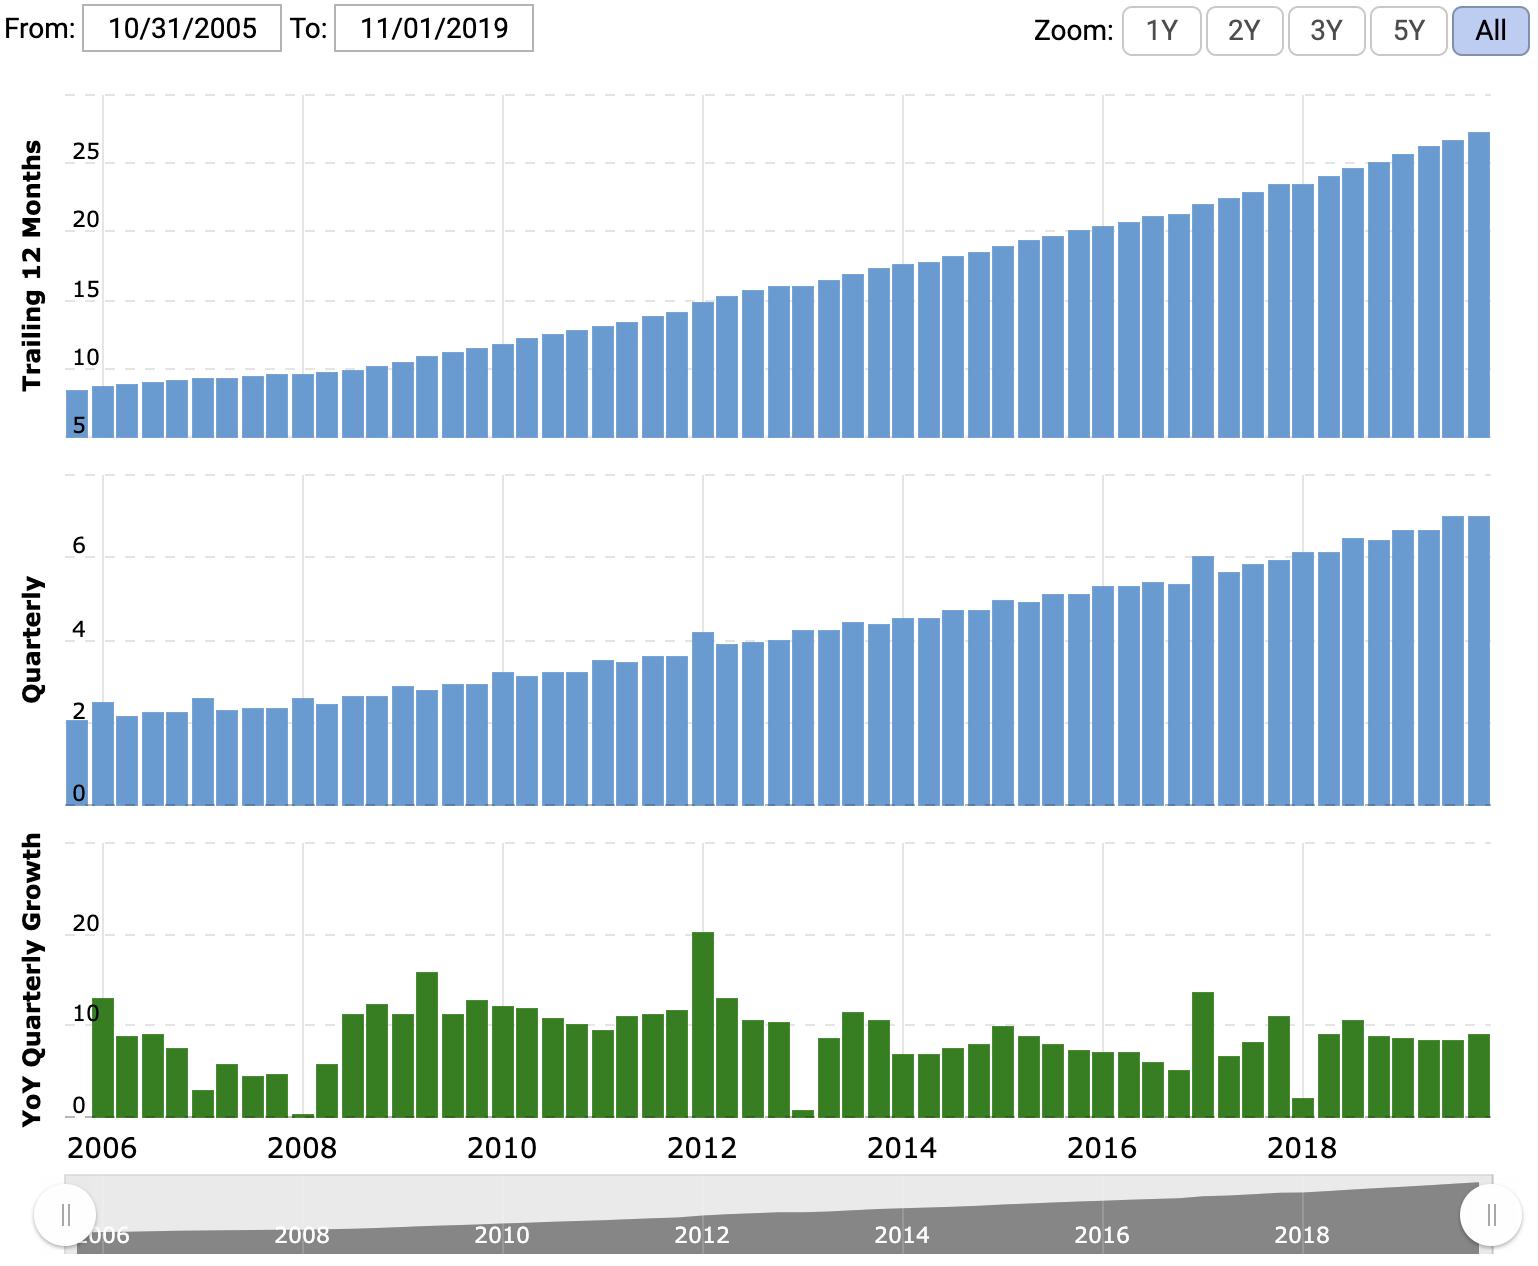 Выручка компании, прибыль компании — оба показателя в миллиардах долларов за последние 12 месяцев, итоговая маржа в процентах. Источник: Macrotrends